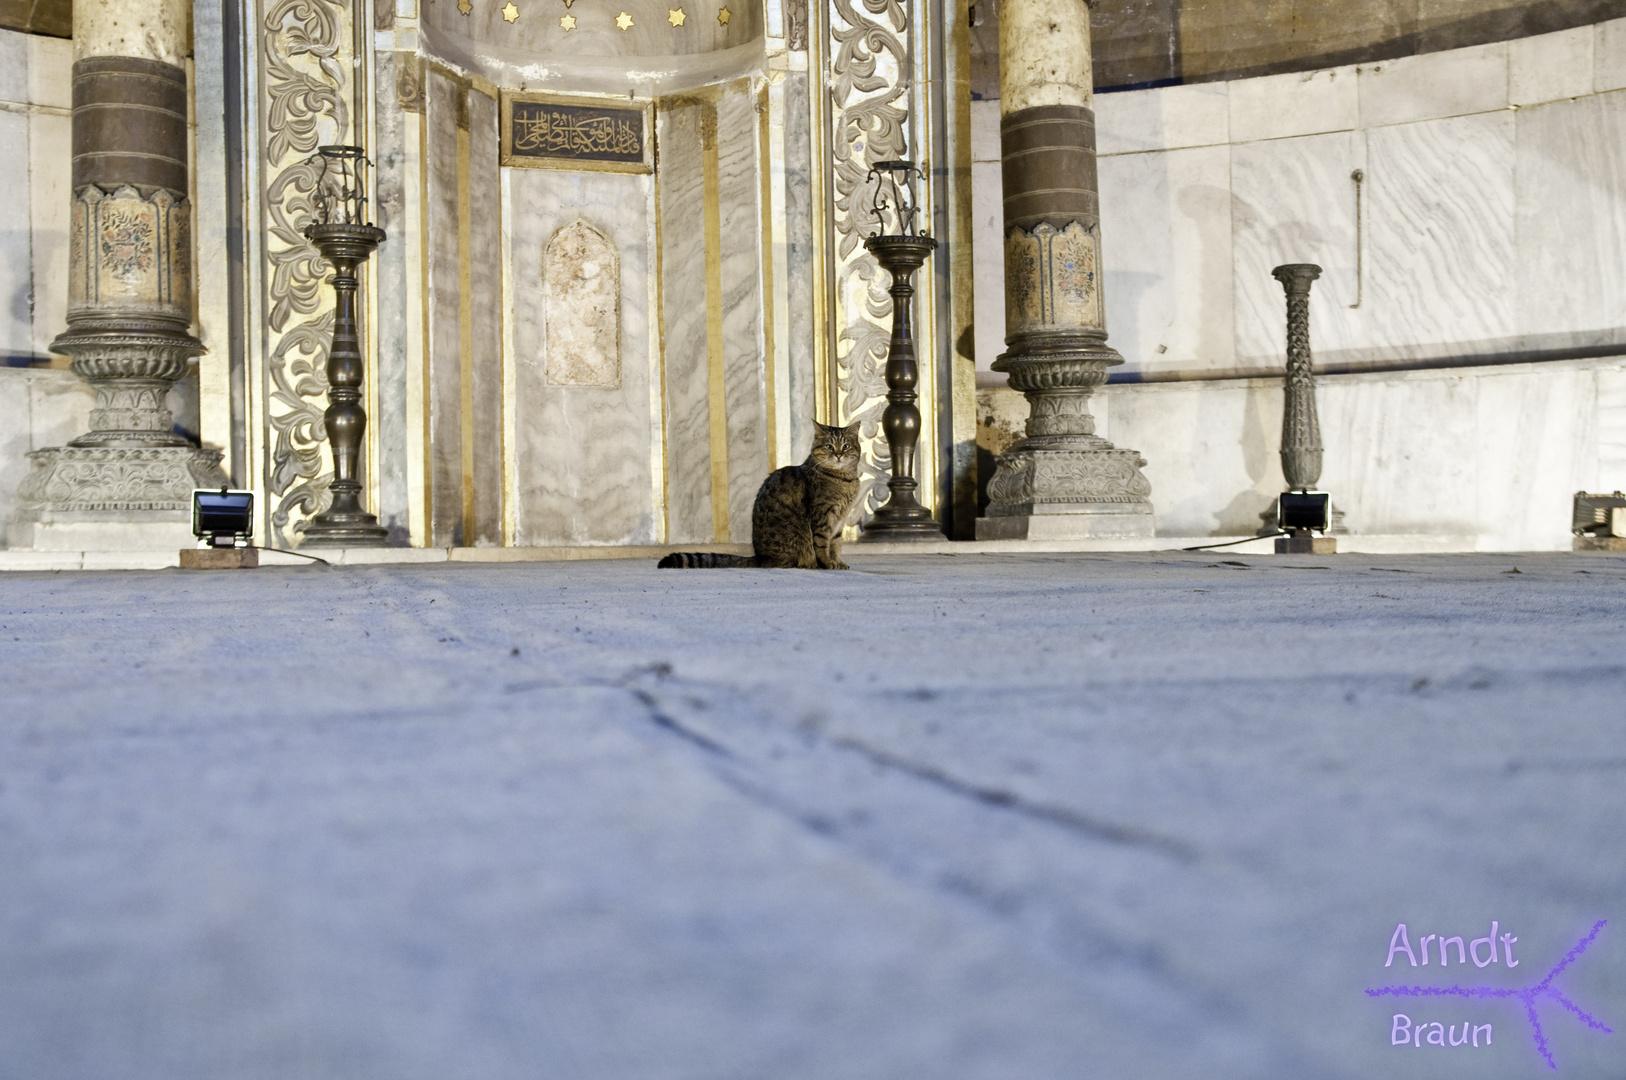 Die Katze der Hagia Sophia